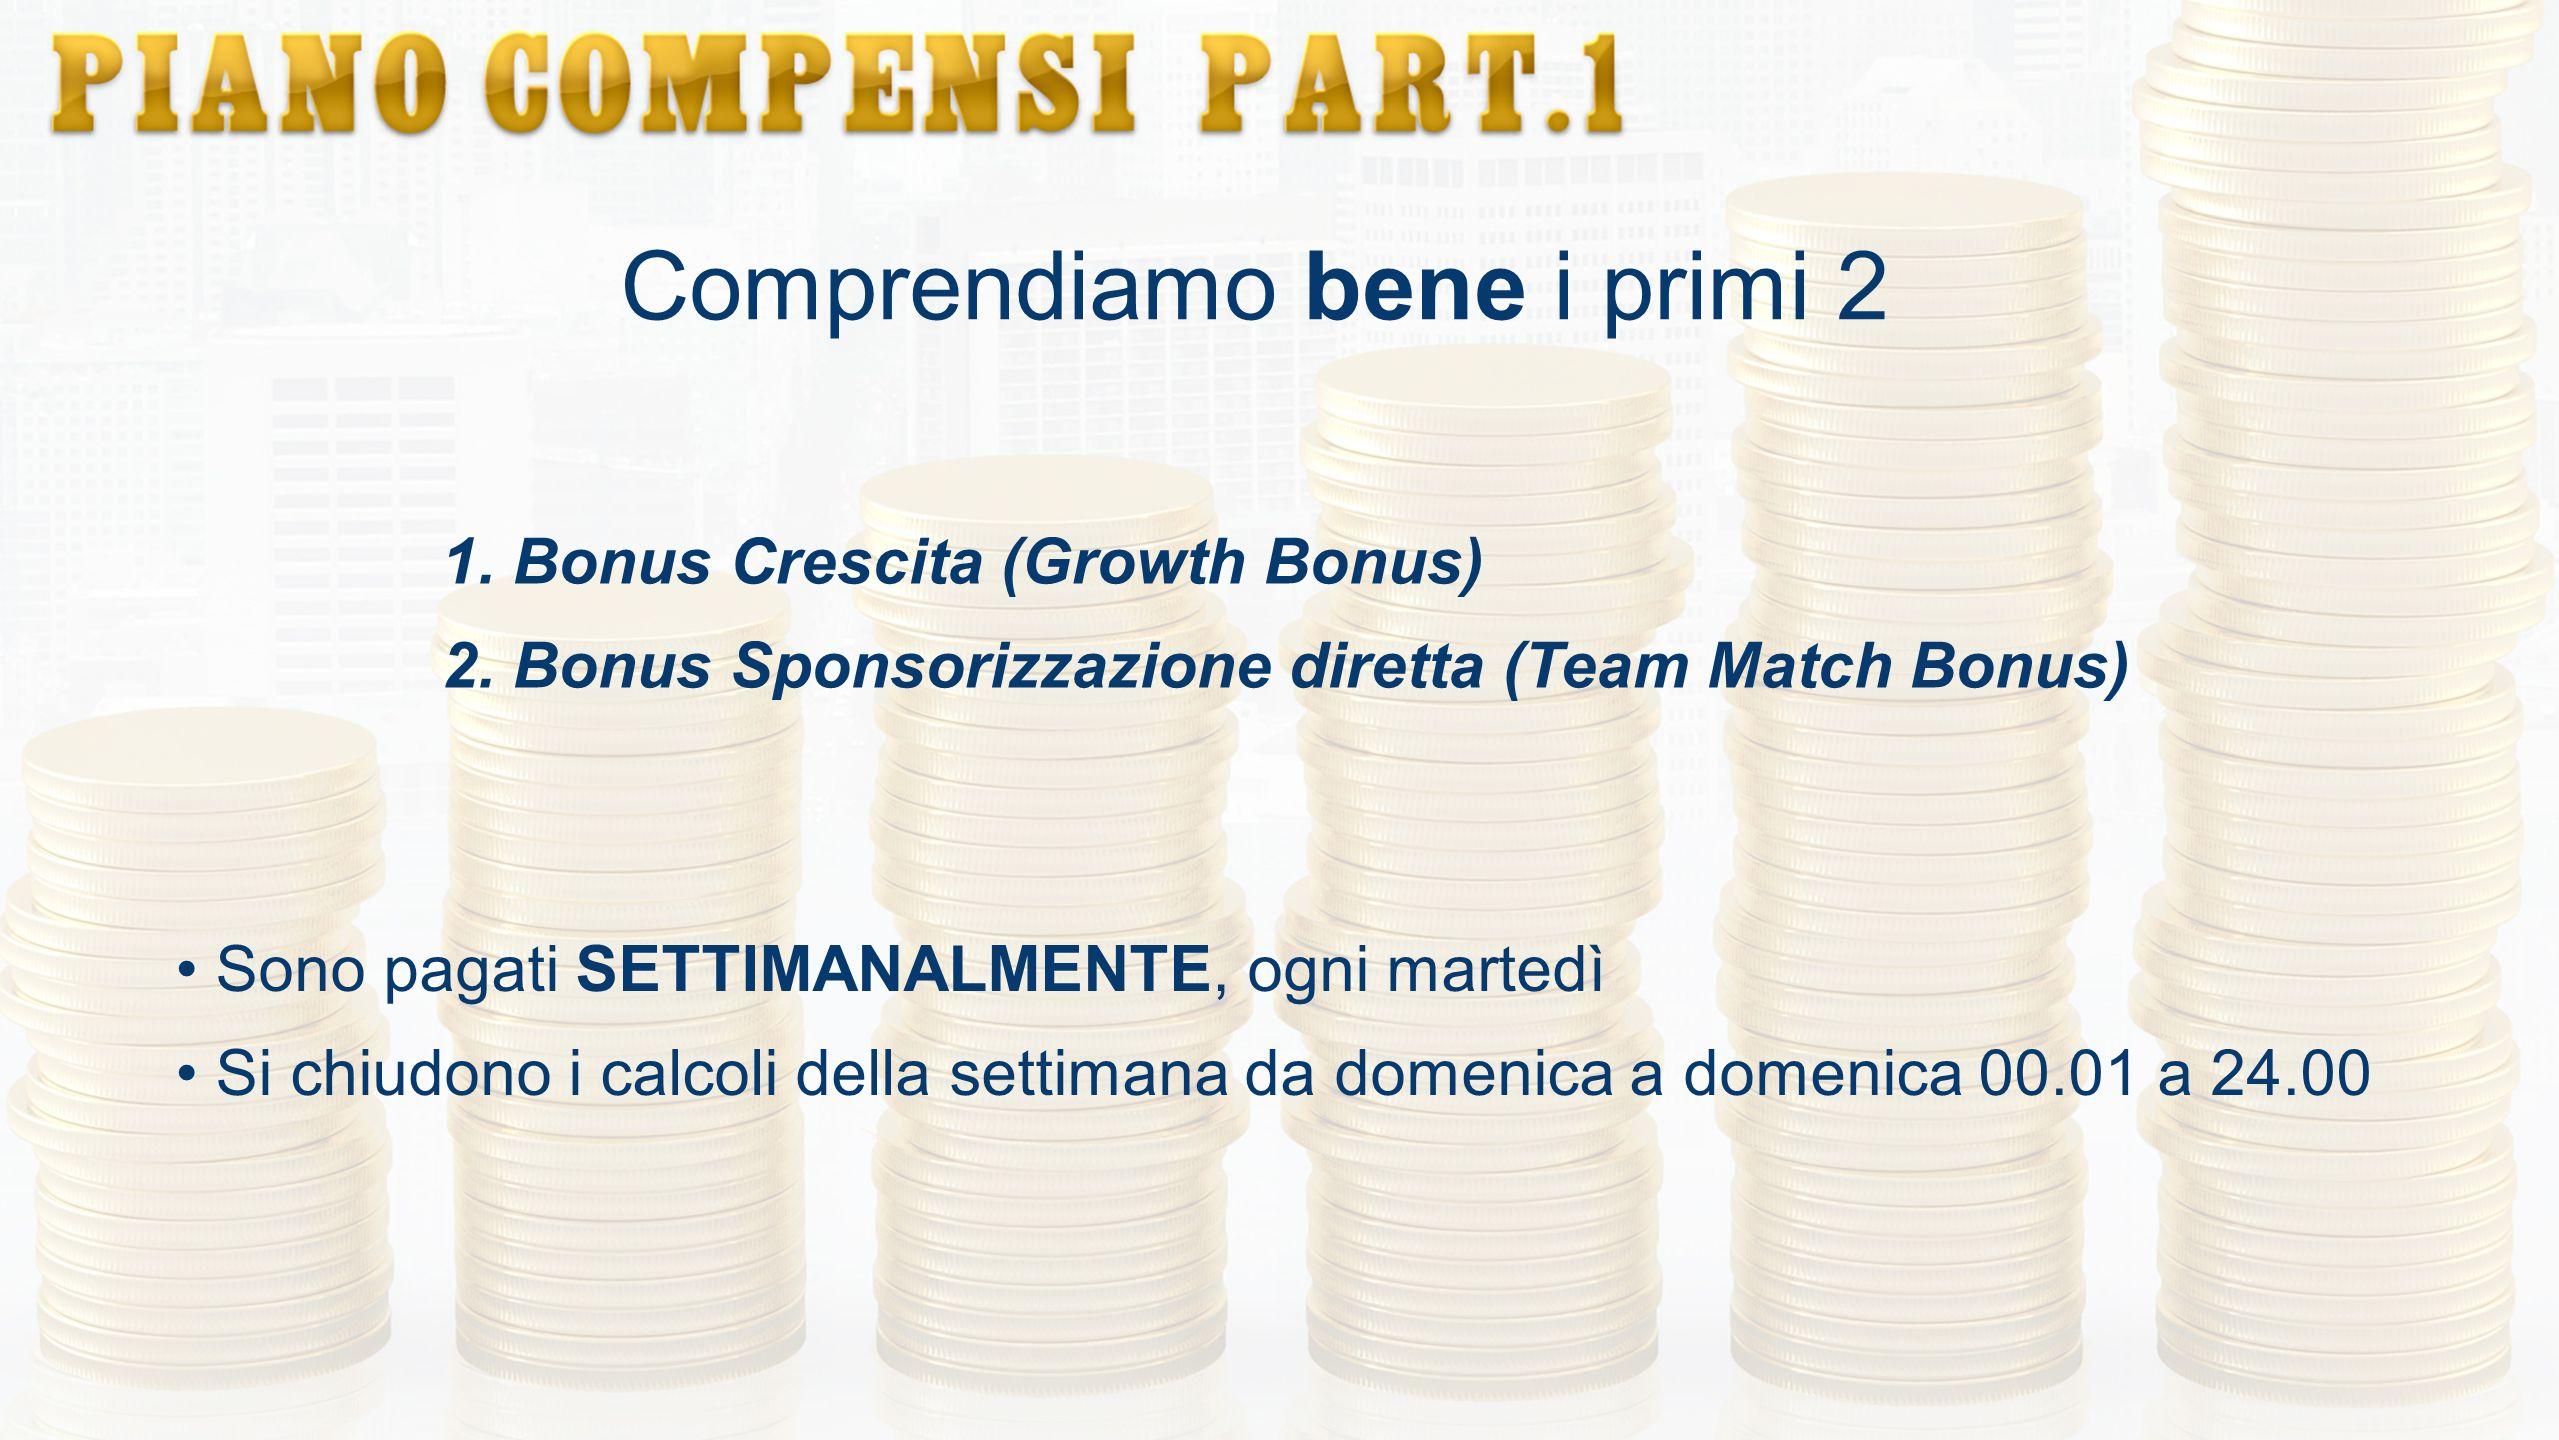 Comprendiamo bene i primi 2 1. Bonus Crescita (Growth Bonus) 2. Bonus Sponsorizzazione diretta (Team Match Bonus) Sono pagati SETTIMANALMENTE, ogni ma